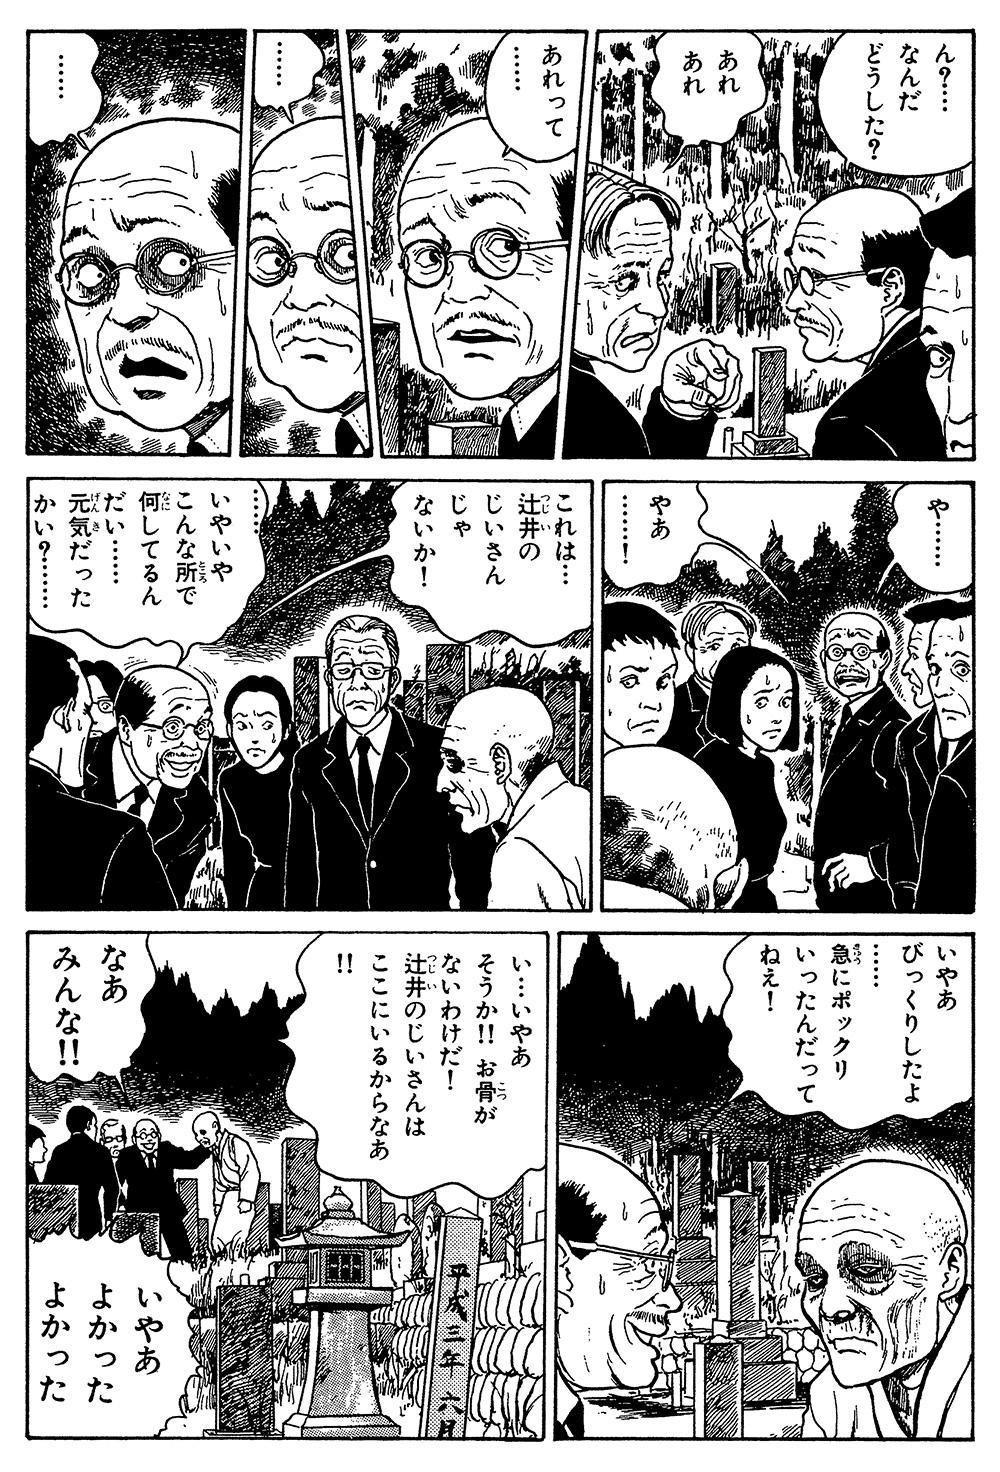 伊藤潤二傑作集「棺桶」①kanoke02-15.jpg